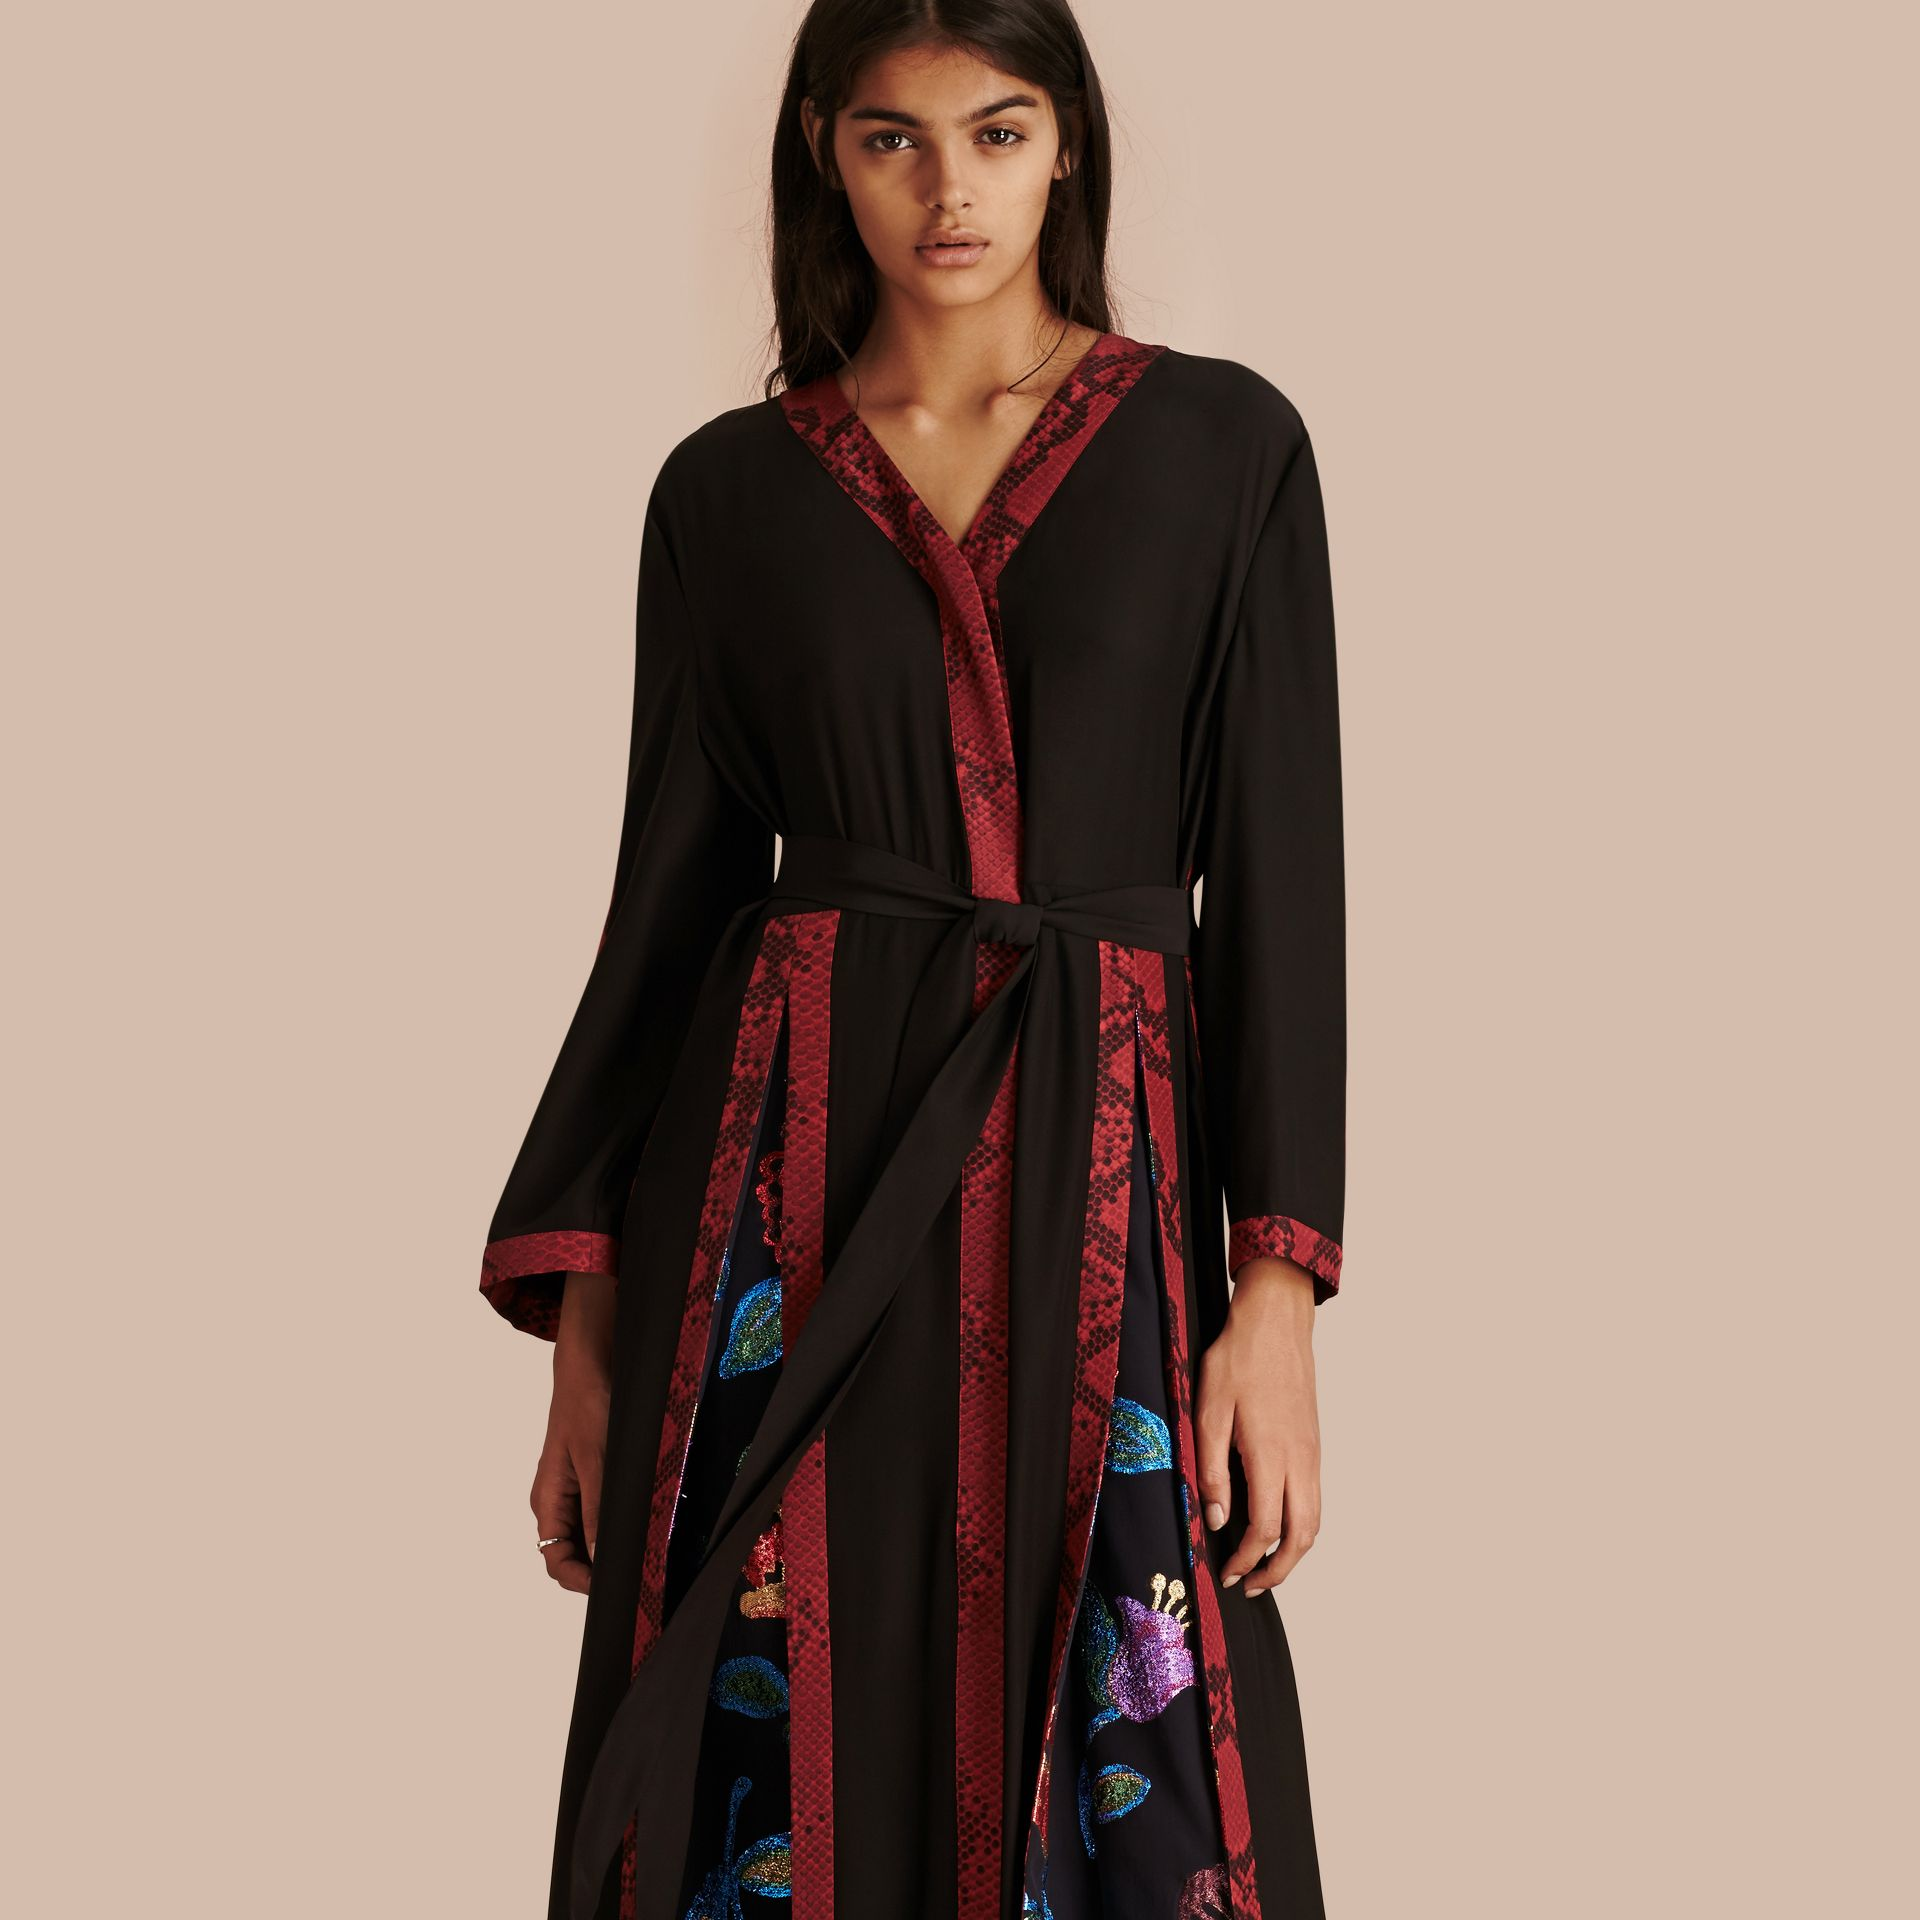 Preto Vestido envelope longo de seda com detalhes em fil coupé floral - galeria de imagens 6